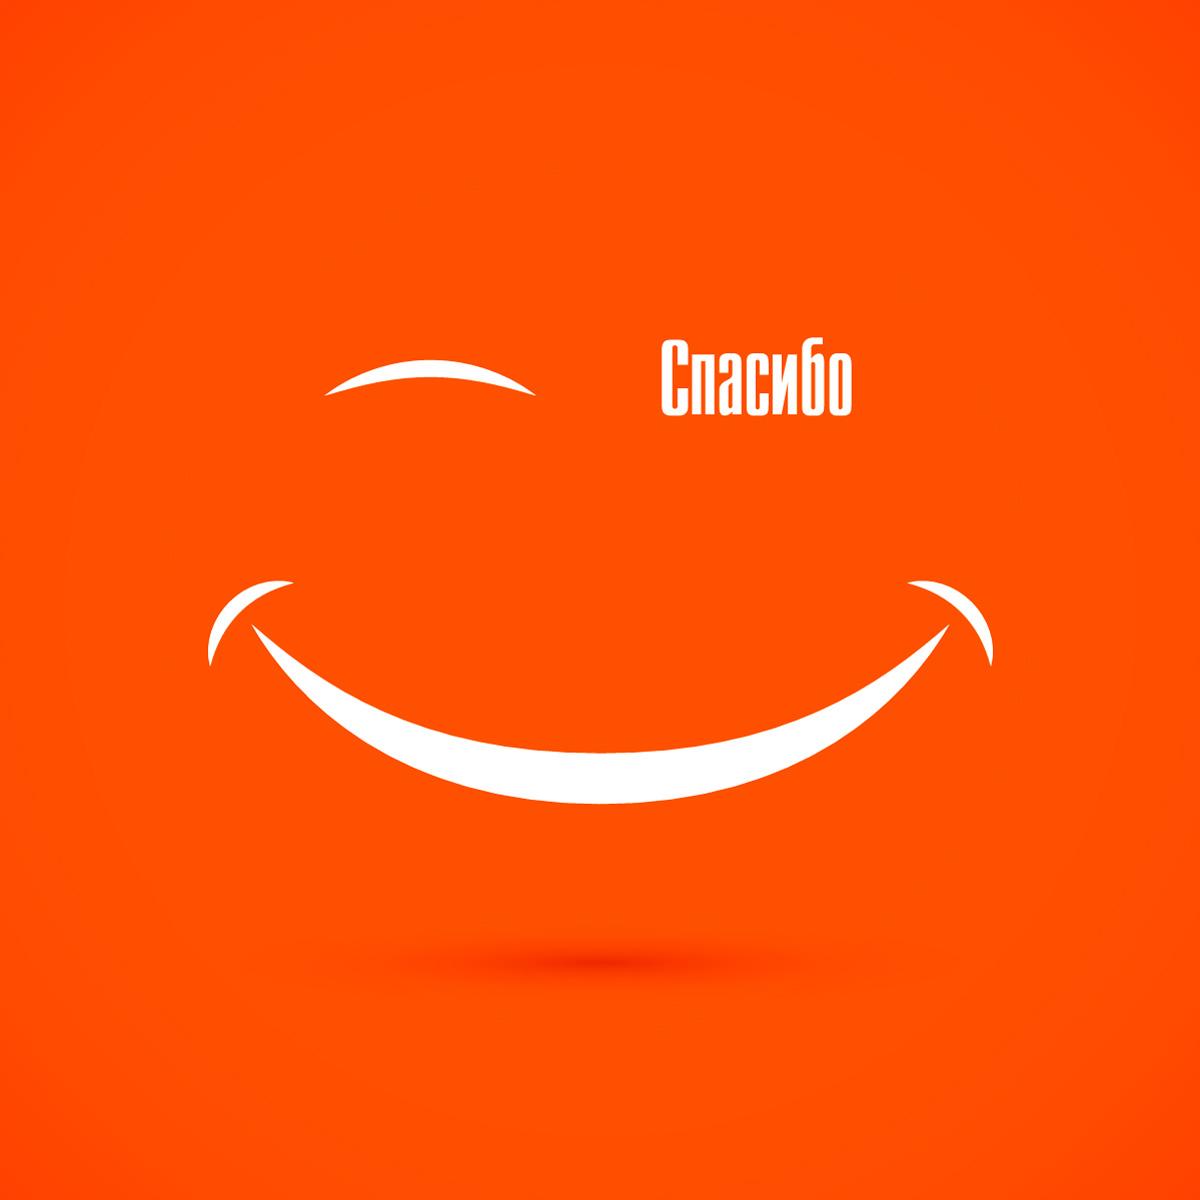 Белый смайлик на оранжевом фоне со словом спасибо.